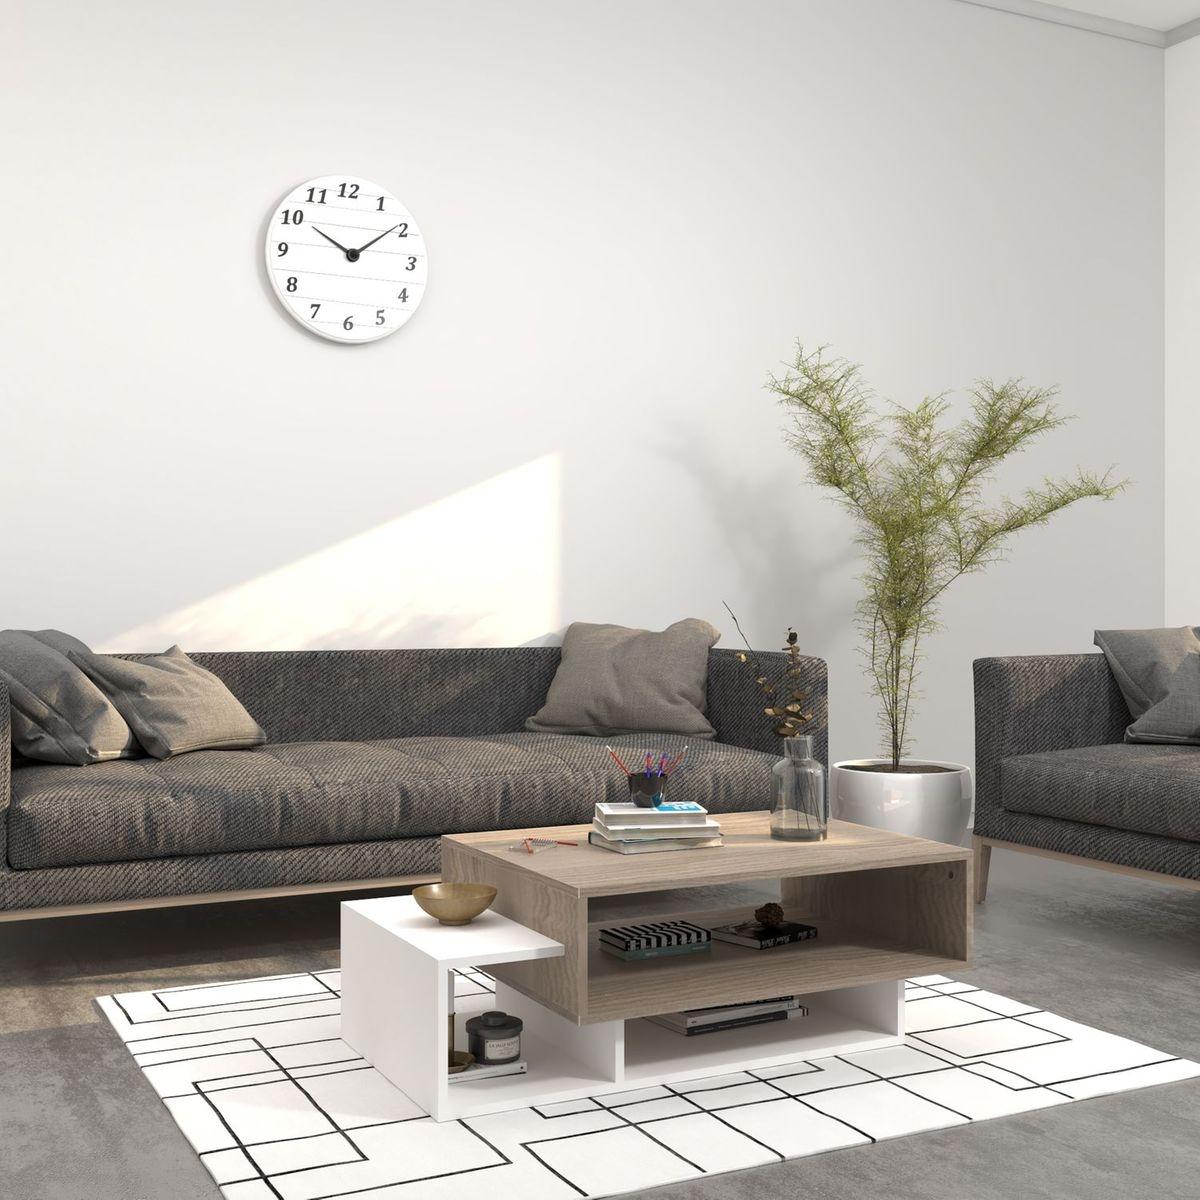 Table basse design Germini - L. 100 x H. 35 cm